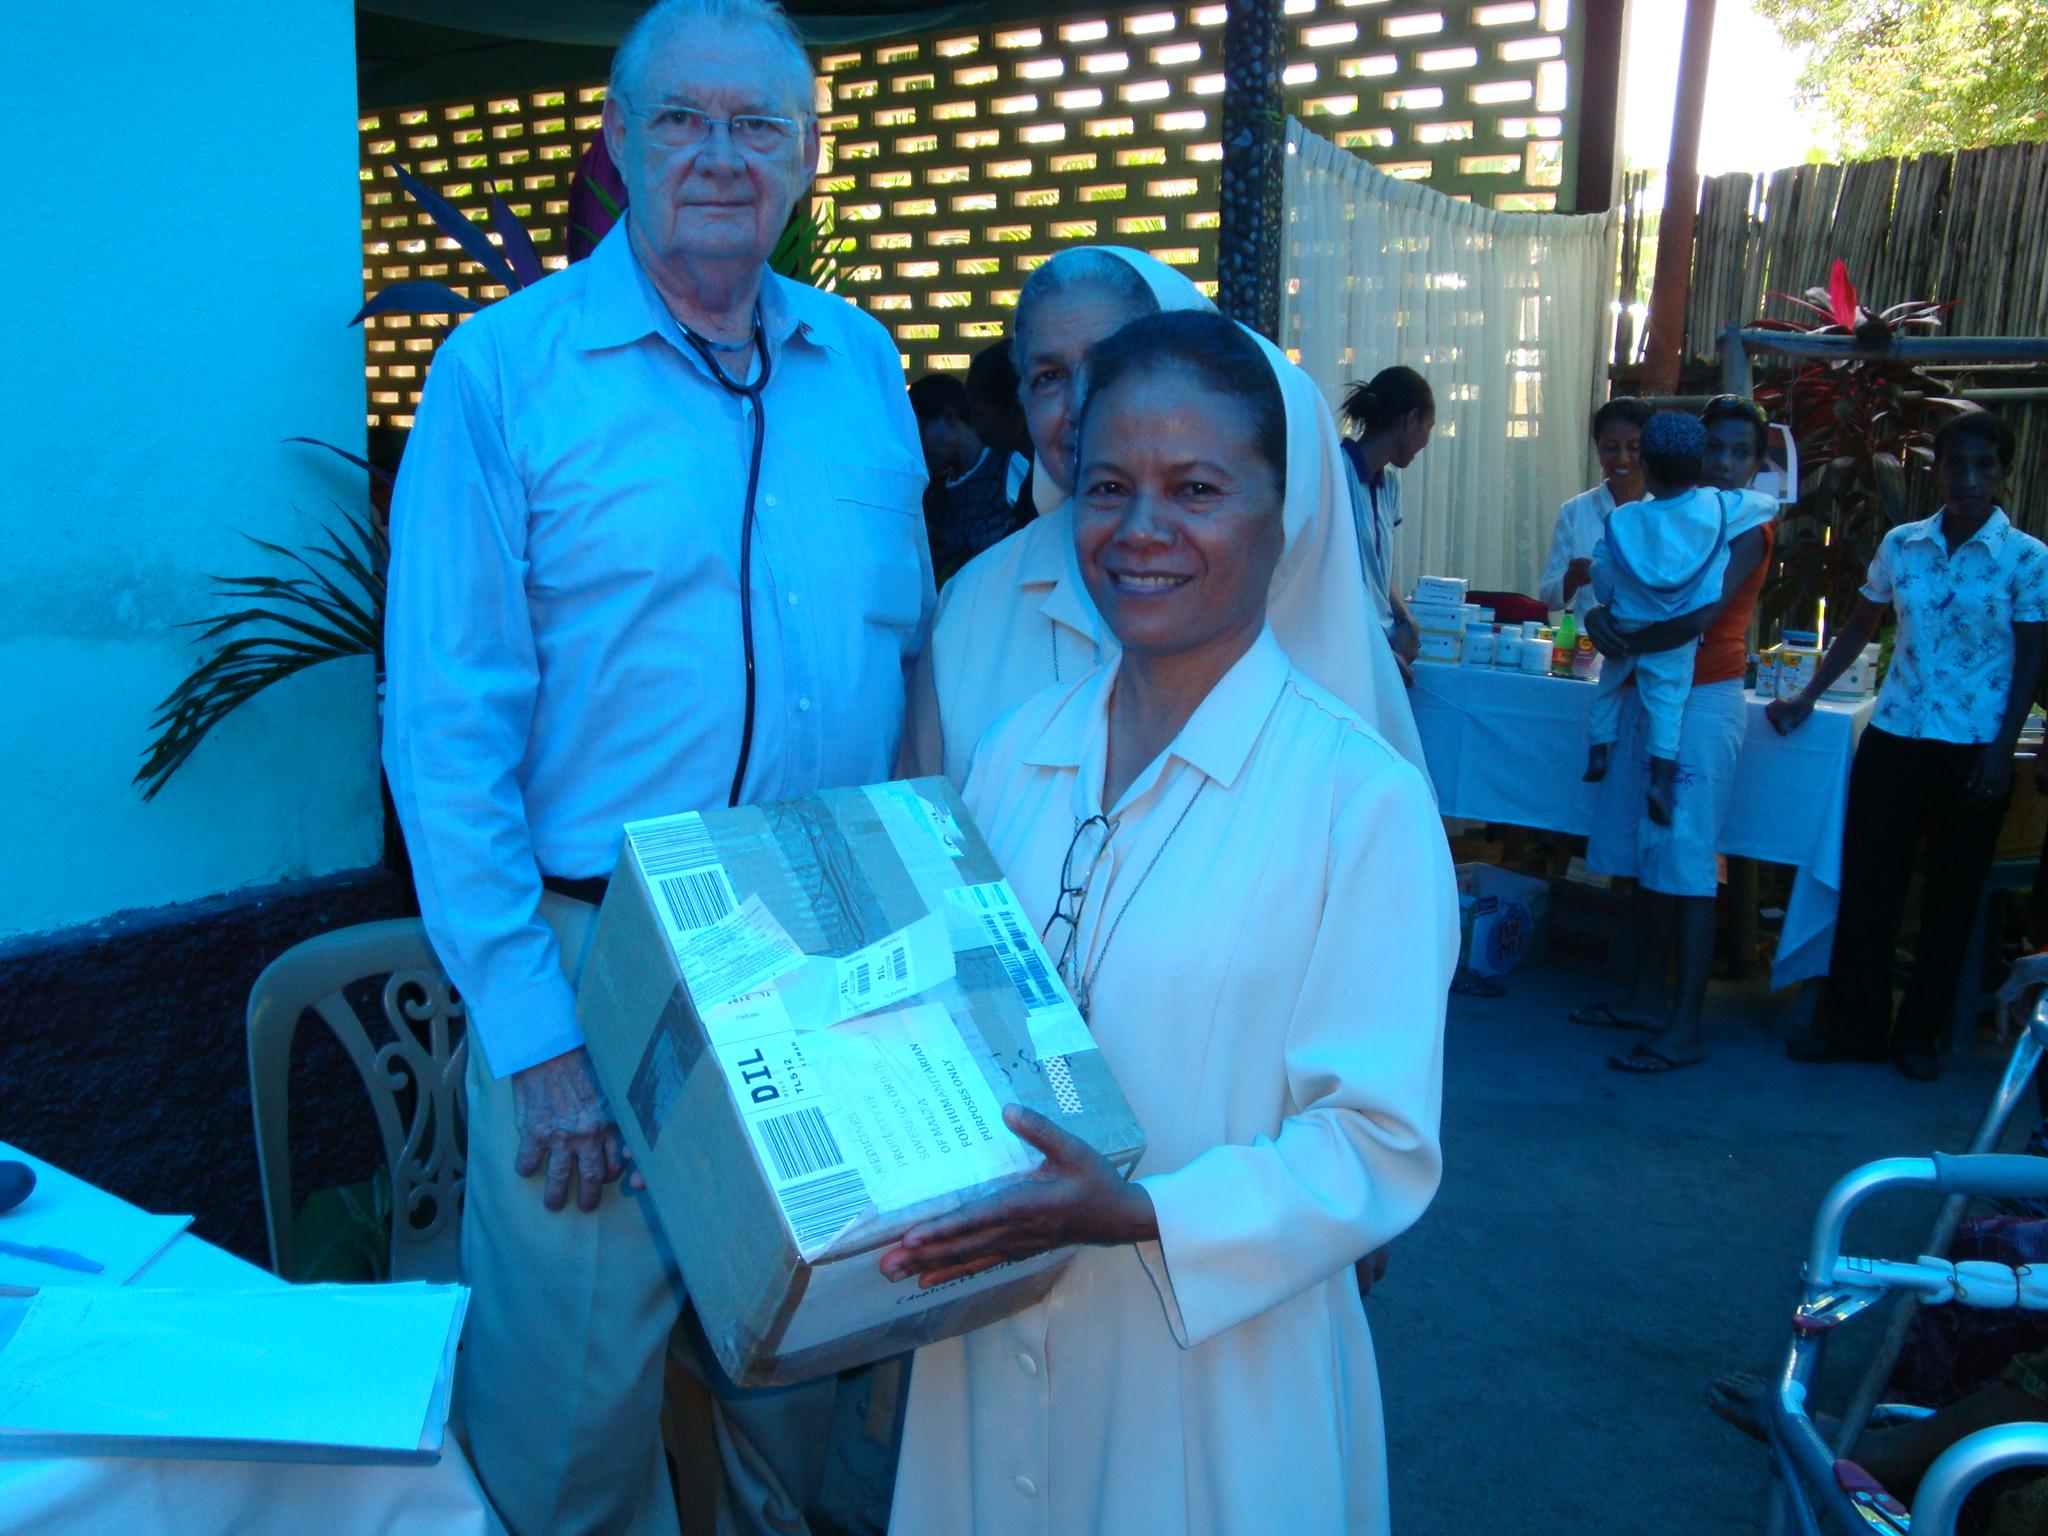 Providing Pharmeceutical Support To Medical Clinics In Timor-Leste